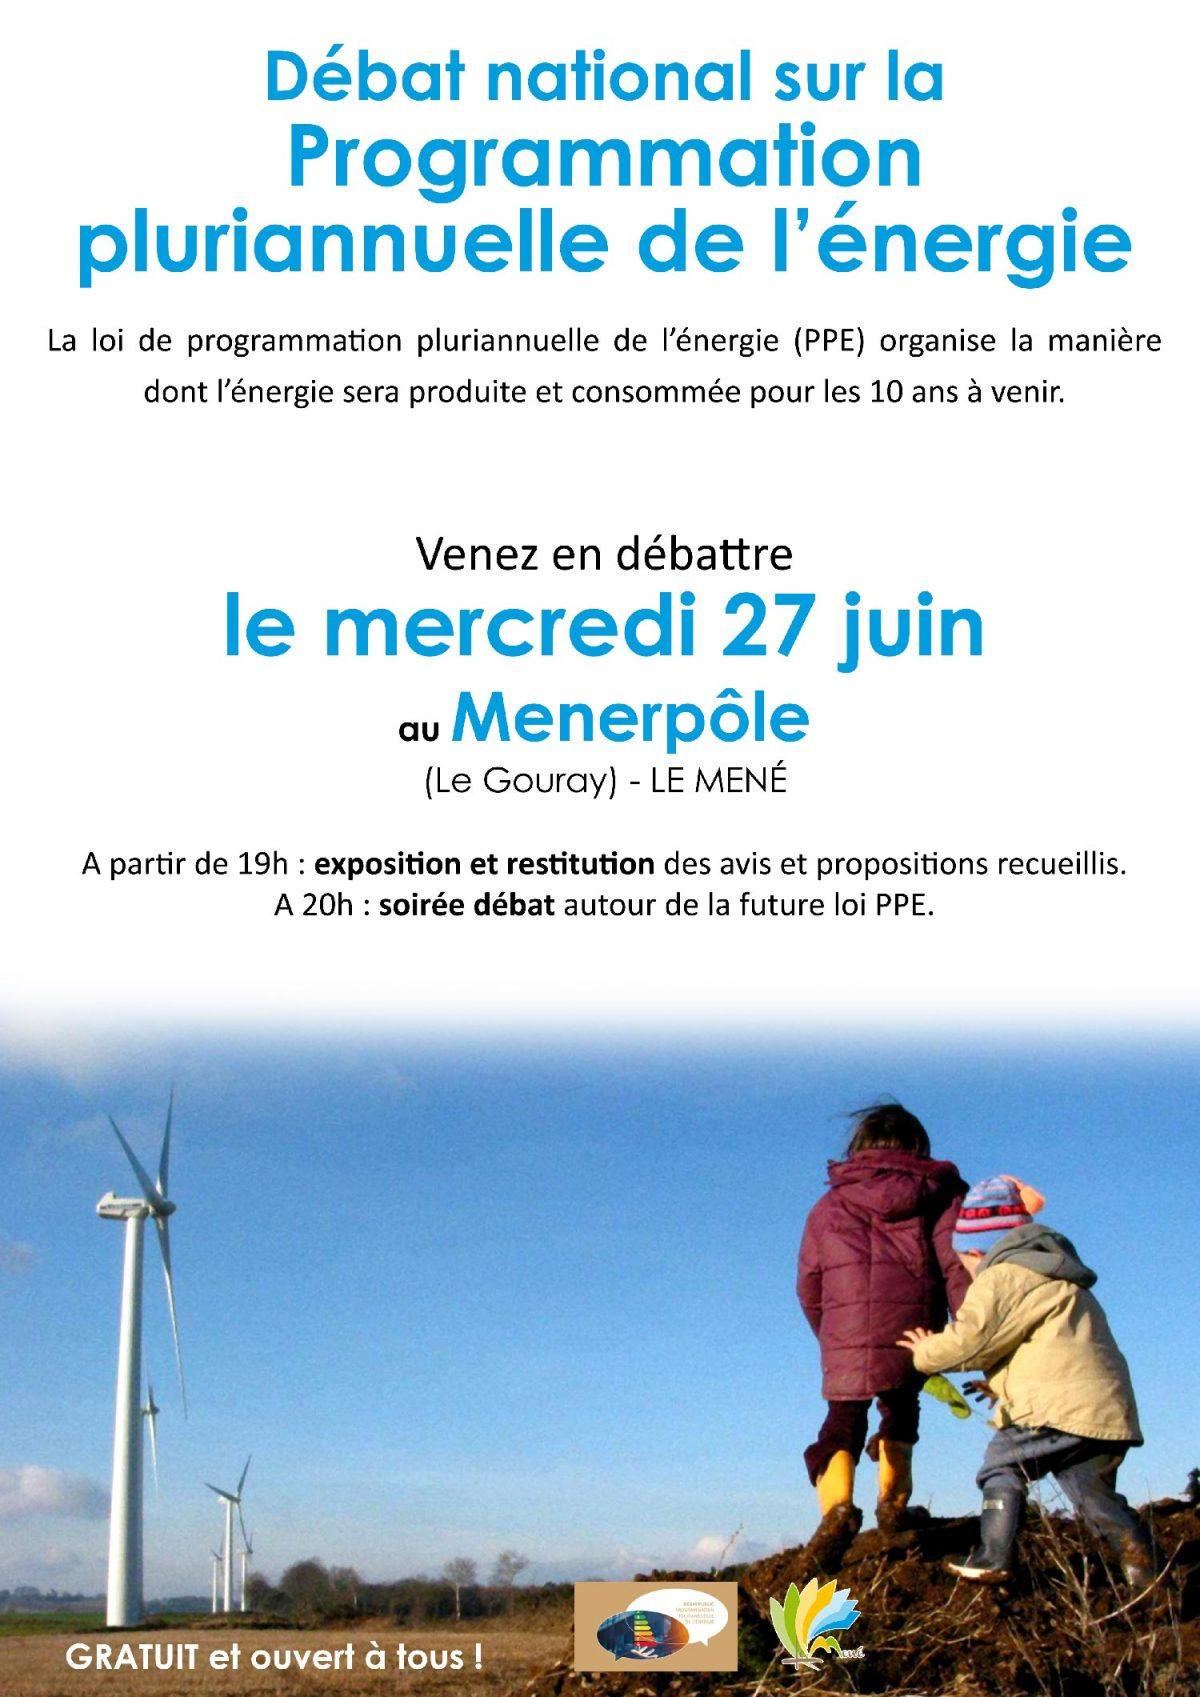 Débat national sur la Programmation pluriannuelle de l'énergie (PPE)